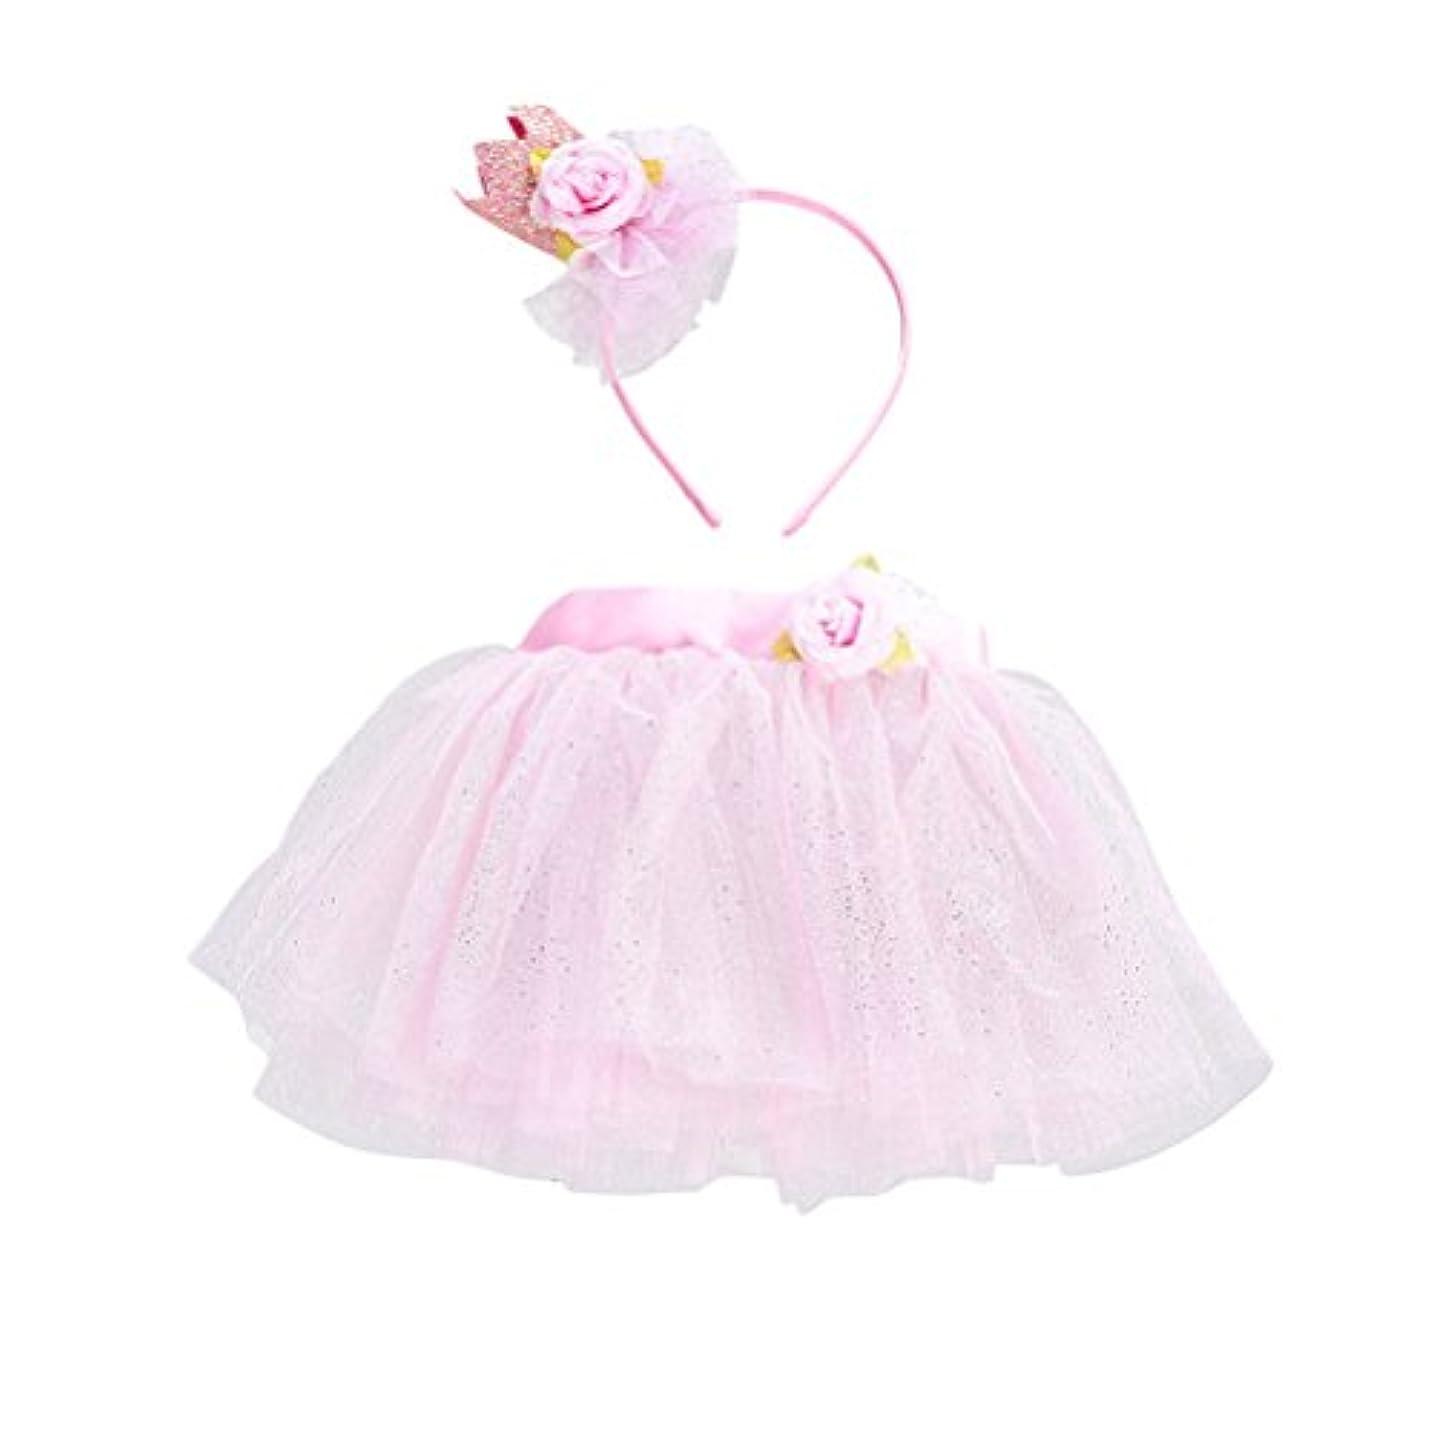 懸念オート特別にLUOEM 女の子TutuスカートセットヘッドバンドプリンセスガールTutu服装Baby Girls Birthday Outfit Set(ピンク)